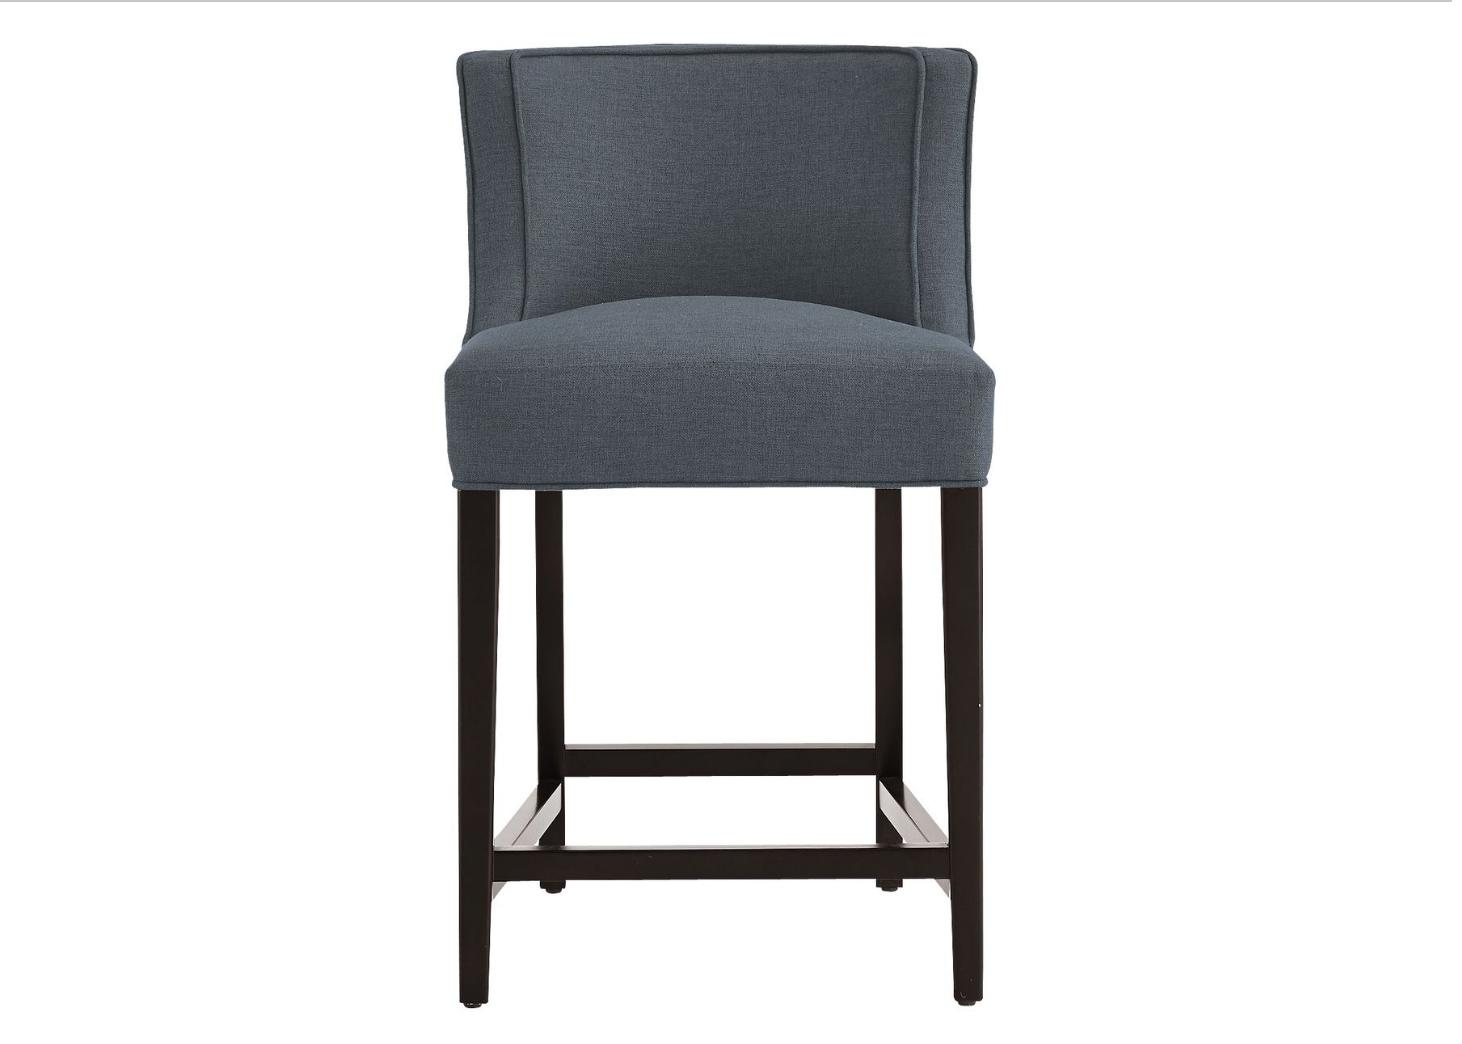 Стул Furnish Counter SБарные стулья<br>&amp;lt;div&amp;gt;Встречайте по одежке! В обивке из прочного твида, этот стул впечатлит любого ценителя стильной классики. Удобная спинка и прочный каркас из бука -- он прослужит вам долго.&amp;amp;nbsp;&amp;lt;/div&amp;gt;&amp;lt;div&amp;gt;&amp;lt;div&amp;gt;Более 200 вариантов цвета для любых пространств: от компактной кухни до дегустационного зала энотеки.&amp;amp;nbsp;&amp;lt;/div&amp;gt;&amp;lt;div&amp;gt;&amp;lt;br&amp;gt;&amp;lt;/div&amp;gt;&amp;lt;div&amp;gt;Высота сидения 66 см. (высота столешницы 90 см).&amp;amp;nbsp;&amp;lt;/div&amp;gt;&amp;lt;div&amp;gt;В этой же коллекции есть Furnish Counter с высотой сиденья 79 см. (высота столешницы 120 см).&amp;amp;nbsp;&amp;lt;/div&amp;gt;&amp;lt;div&amp;gt;&amp;lt;div&amp;gt;Ножки: бук, обивка: текстиль, экокожа или кожа.&amp;lt;/div&amp;gt;&amp;lt;/div&amp;gt;&amp;lt;/div&amp;gt;<br><br>Material: Бук<br>Width см: 53<br>Depth см: 58<br>Height см: 90